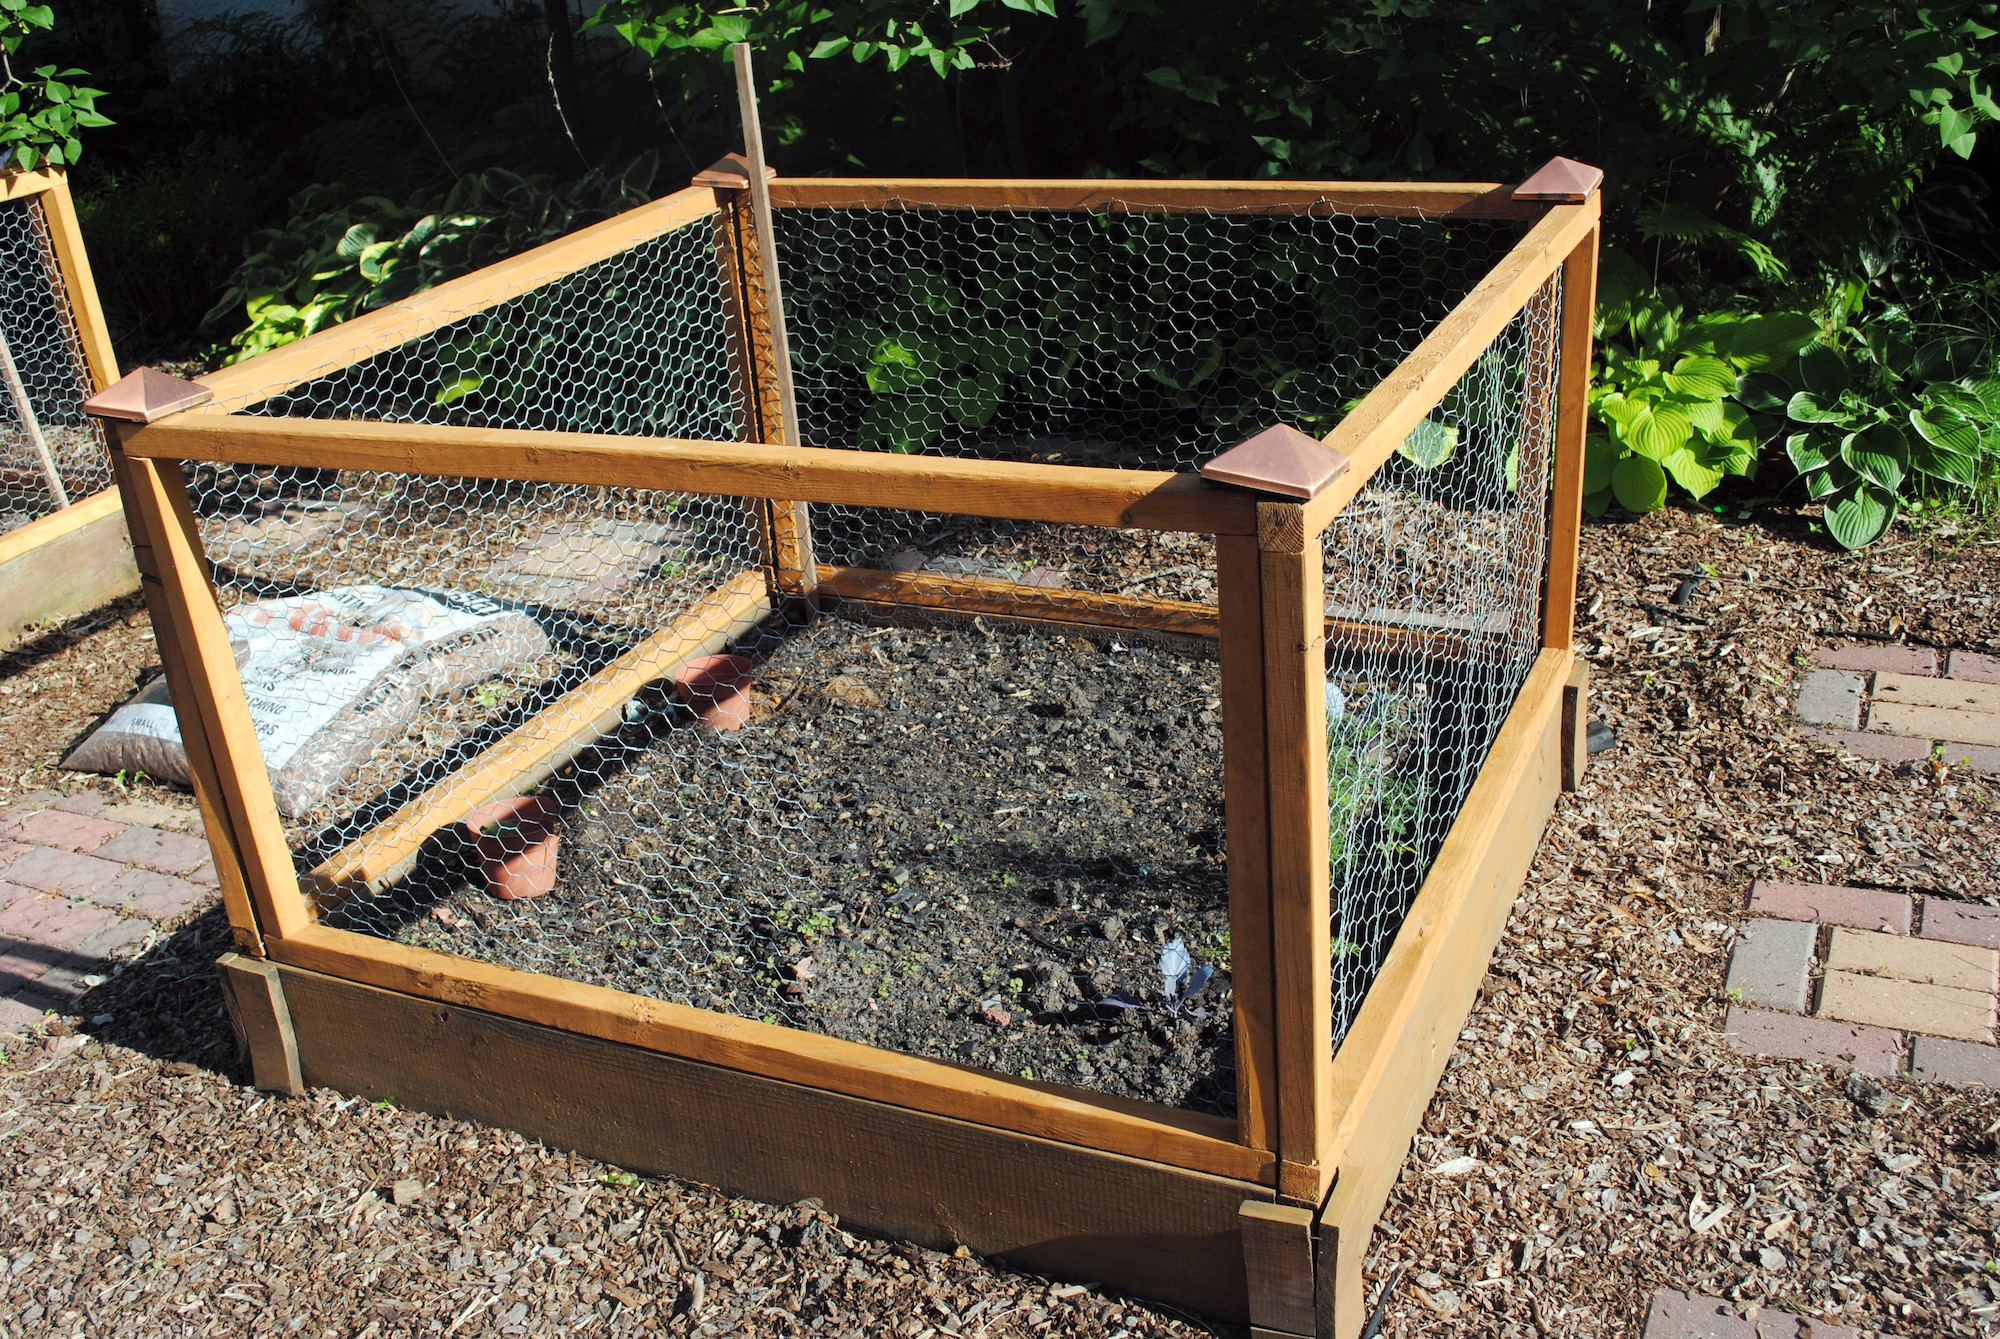 Dù không có nhiều kinh nghiệm trong trồng rau thì với 10 lưu ý dưới đây bạn vẫn có thể sở hữu một vườn rau tươi tốt - Hình 7